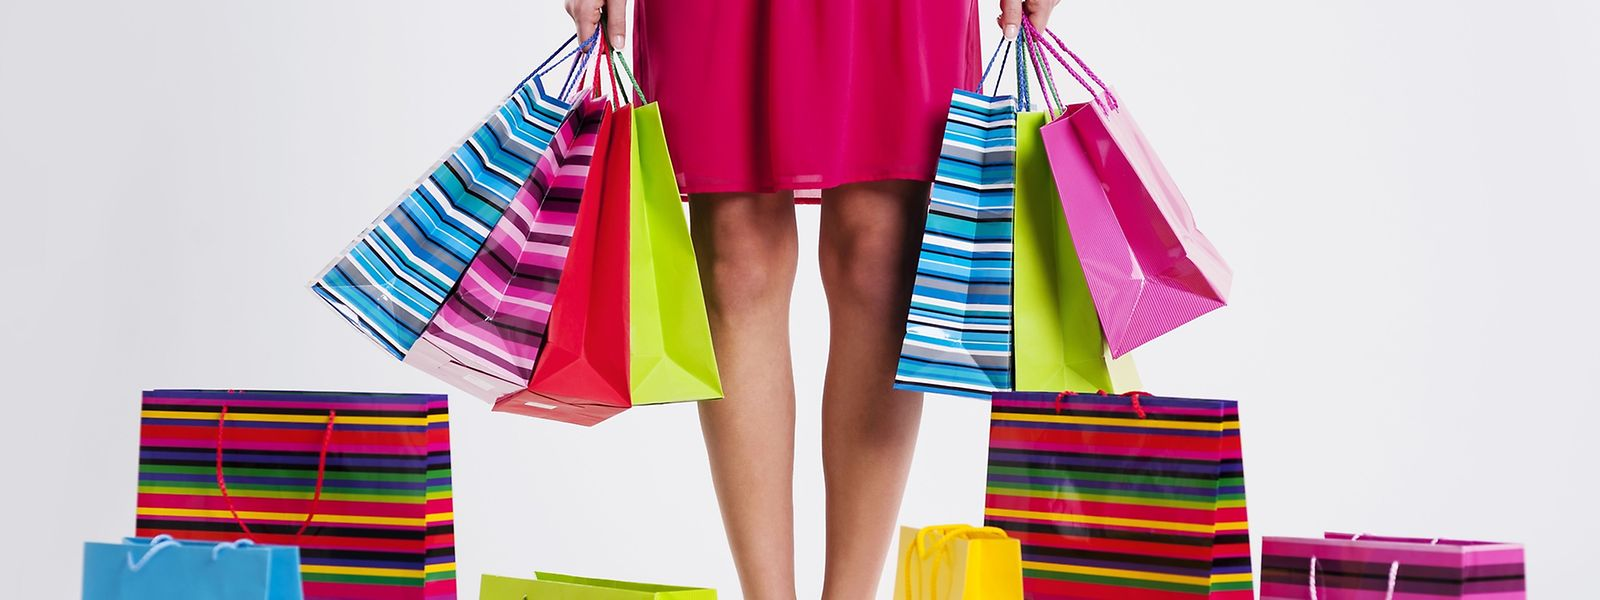 Für Einkaufssüchtige ist ein Shoppingtrip Freude und Qual zugleich.